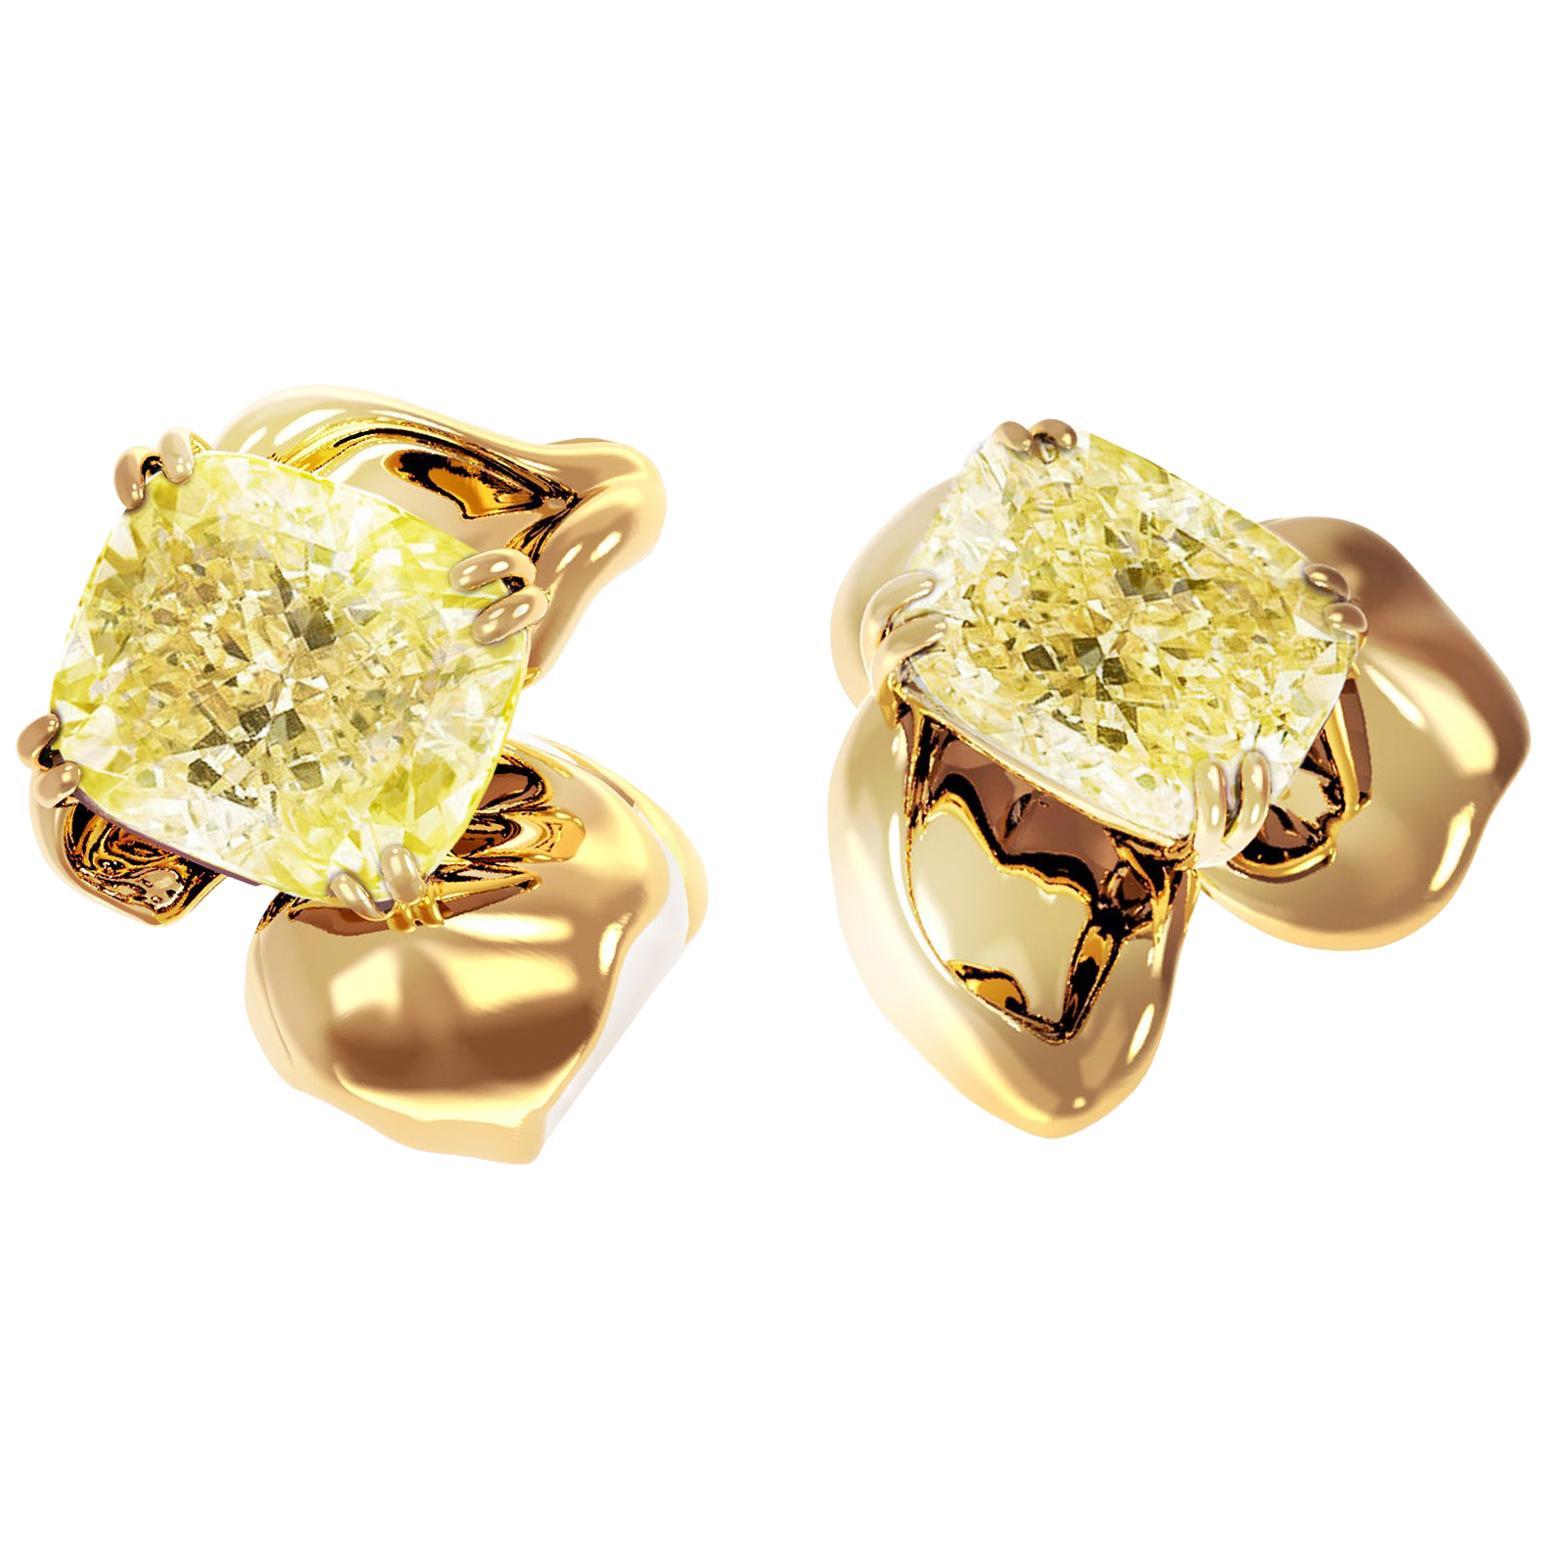 18 Karat Yellow Gold Earrings with 4 Carat GIA Certified Fancy Yellow Diamonds